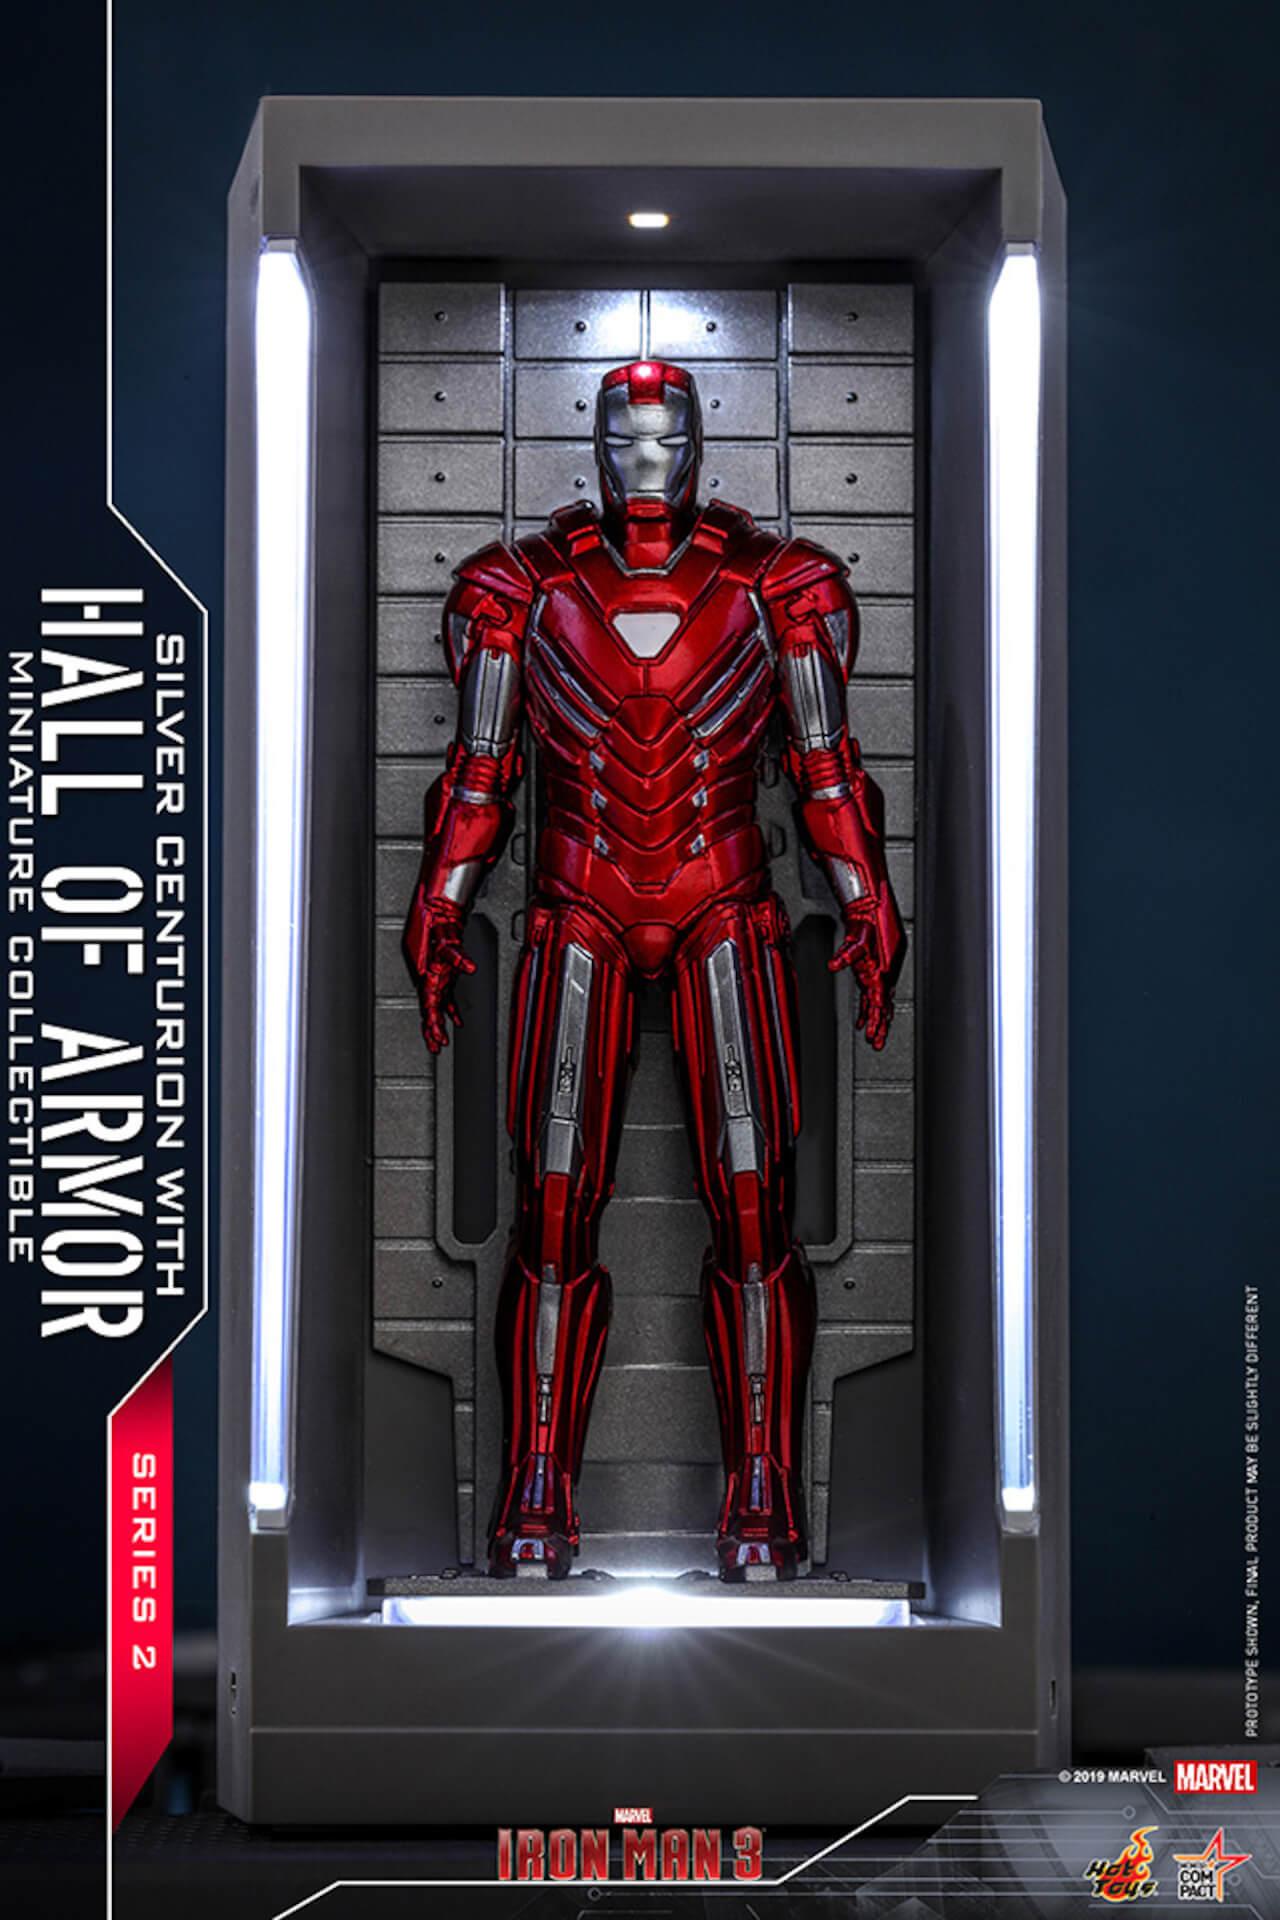 『アイアンマン3』に登場するアーマーが手のひらサイズに!ホットトイズからアイアンマンのミニチュアシリーズ2がホール・オブ・アーマー付き6体セットで発売! ac200124_hottoys_ironman_06